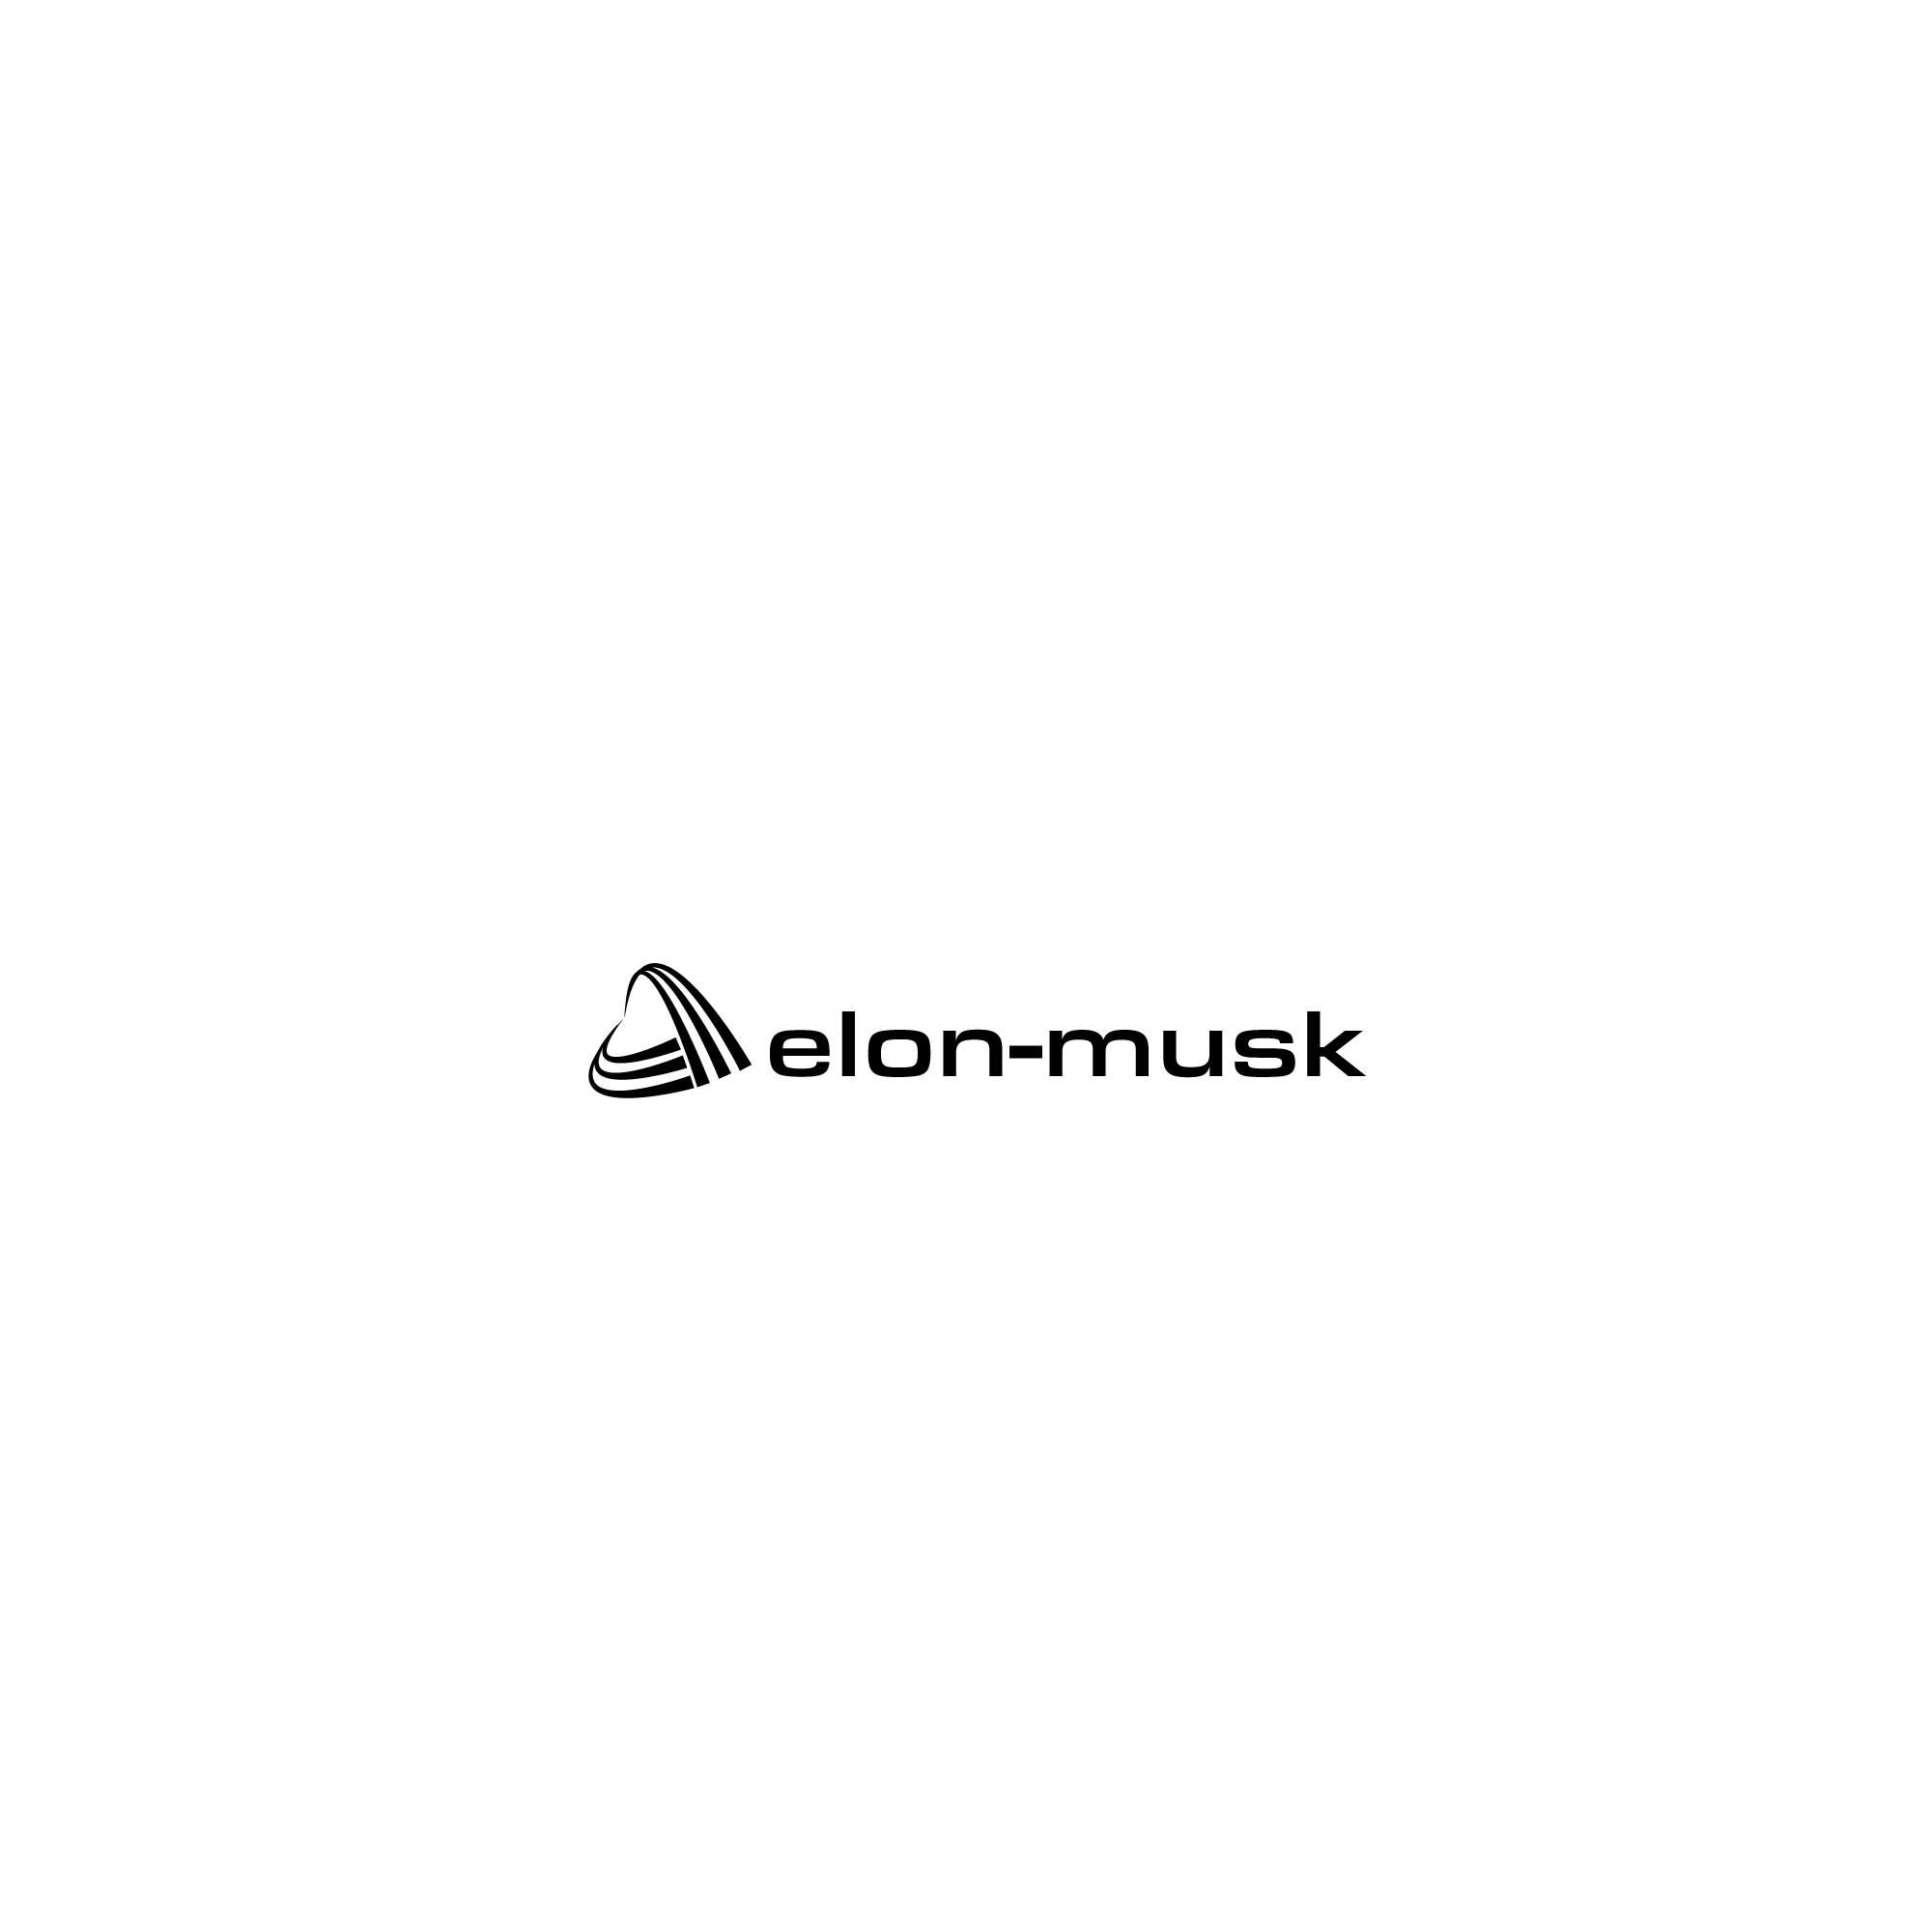 Логотип для новостного сайта  фото f_4415b7213678feb0.jpg